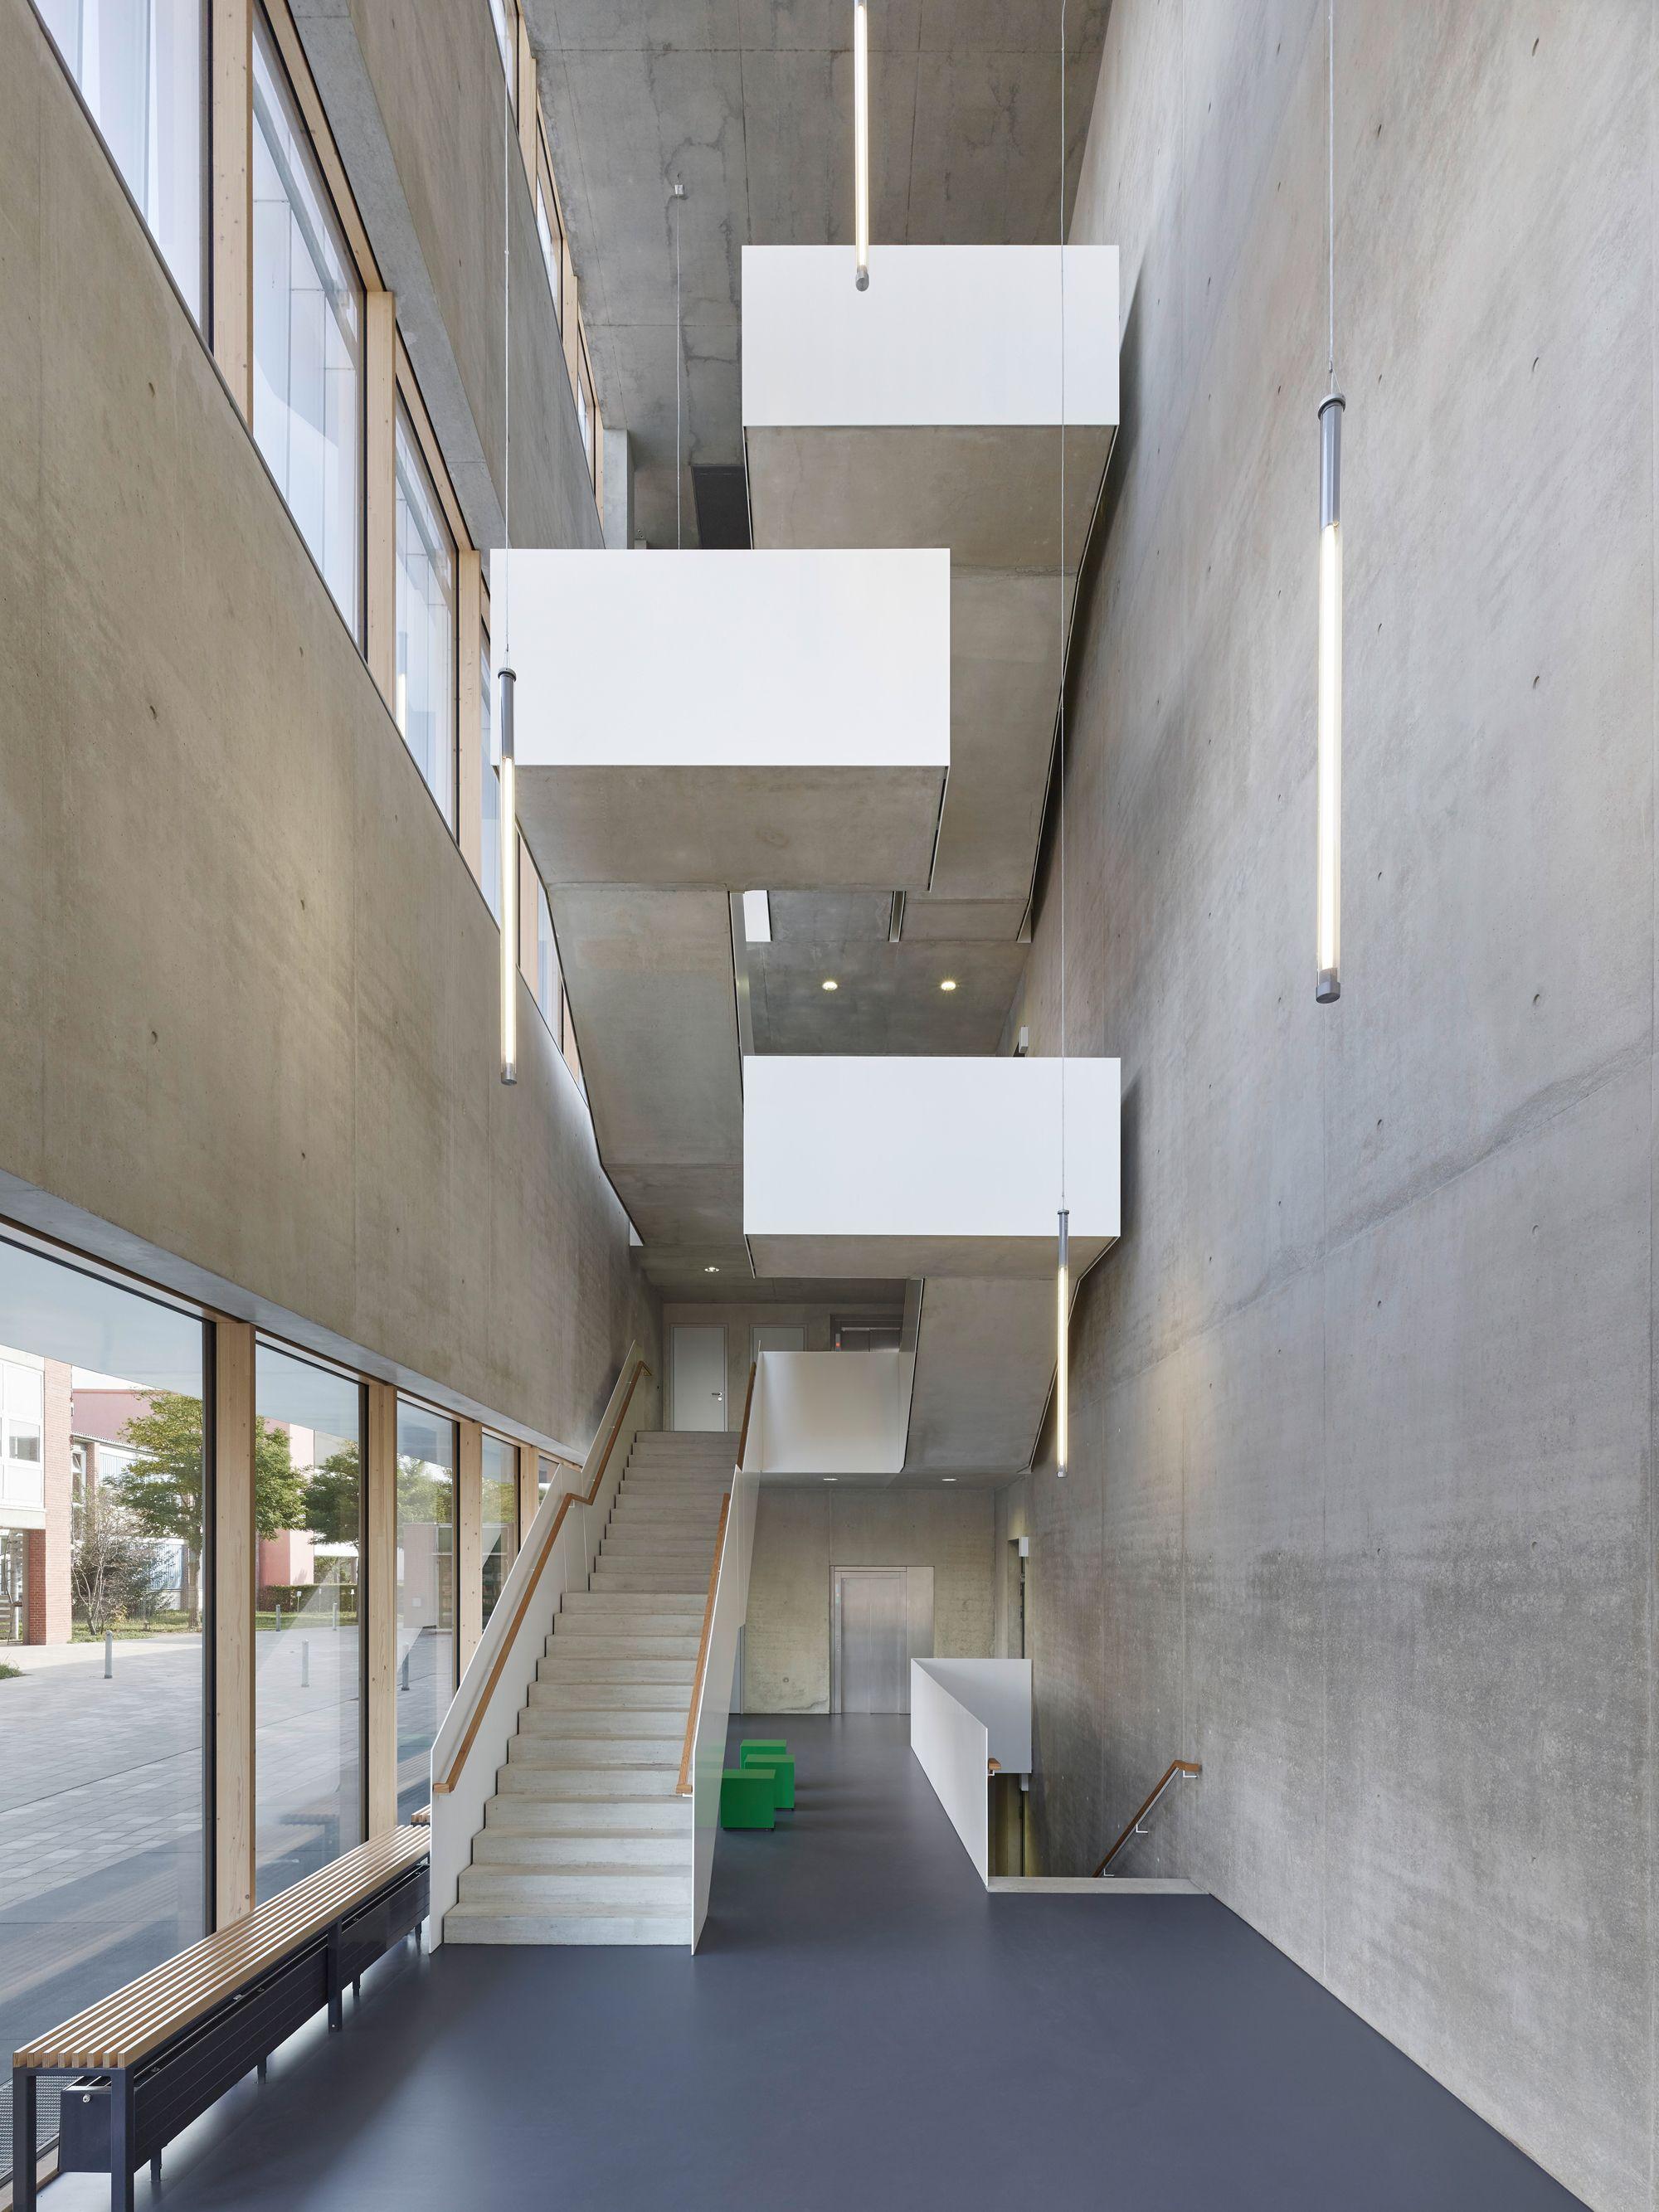 Treppenhaus architektur detail  A Changeable Façade: School Gym by h4a architekten - DETAIL-online ...